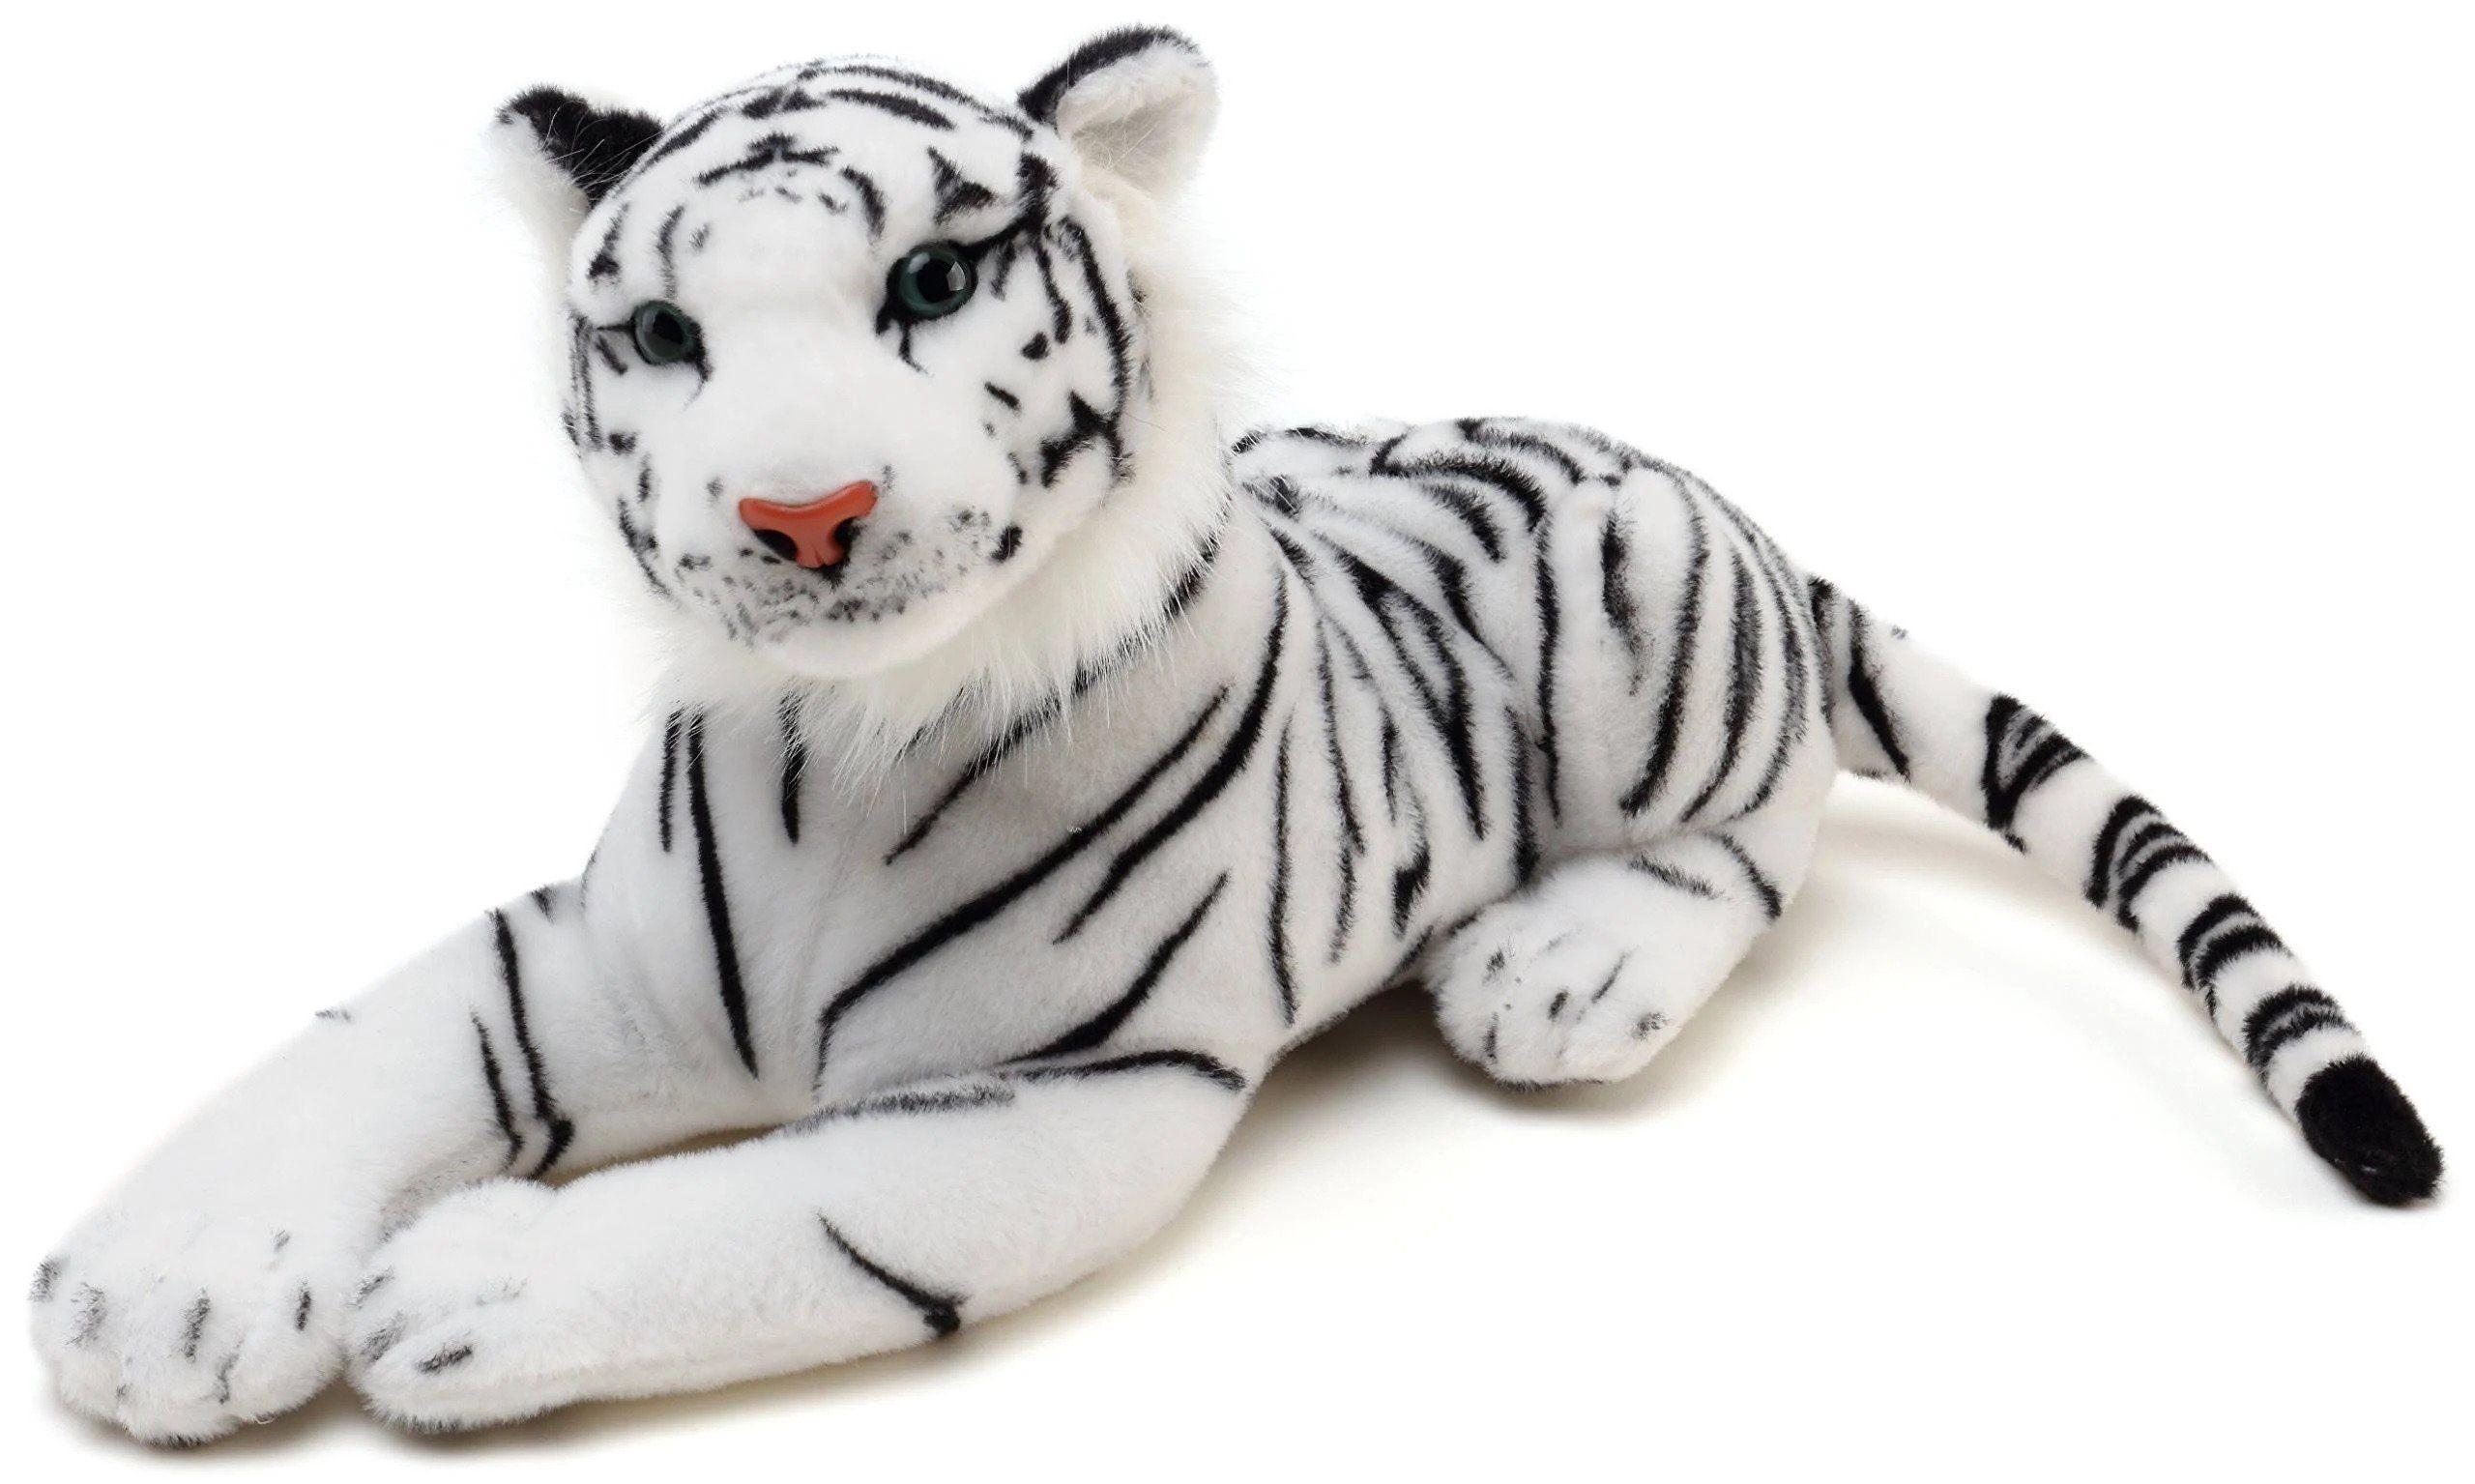 Big Stuffed Animal White Tiger Plush Toy In 2021 Big Stuffed Animal Tiger Stuffed Animal Cute Stuffed Animals [ 1535 x 2560 Pixel ]